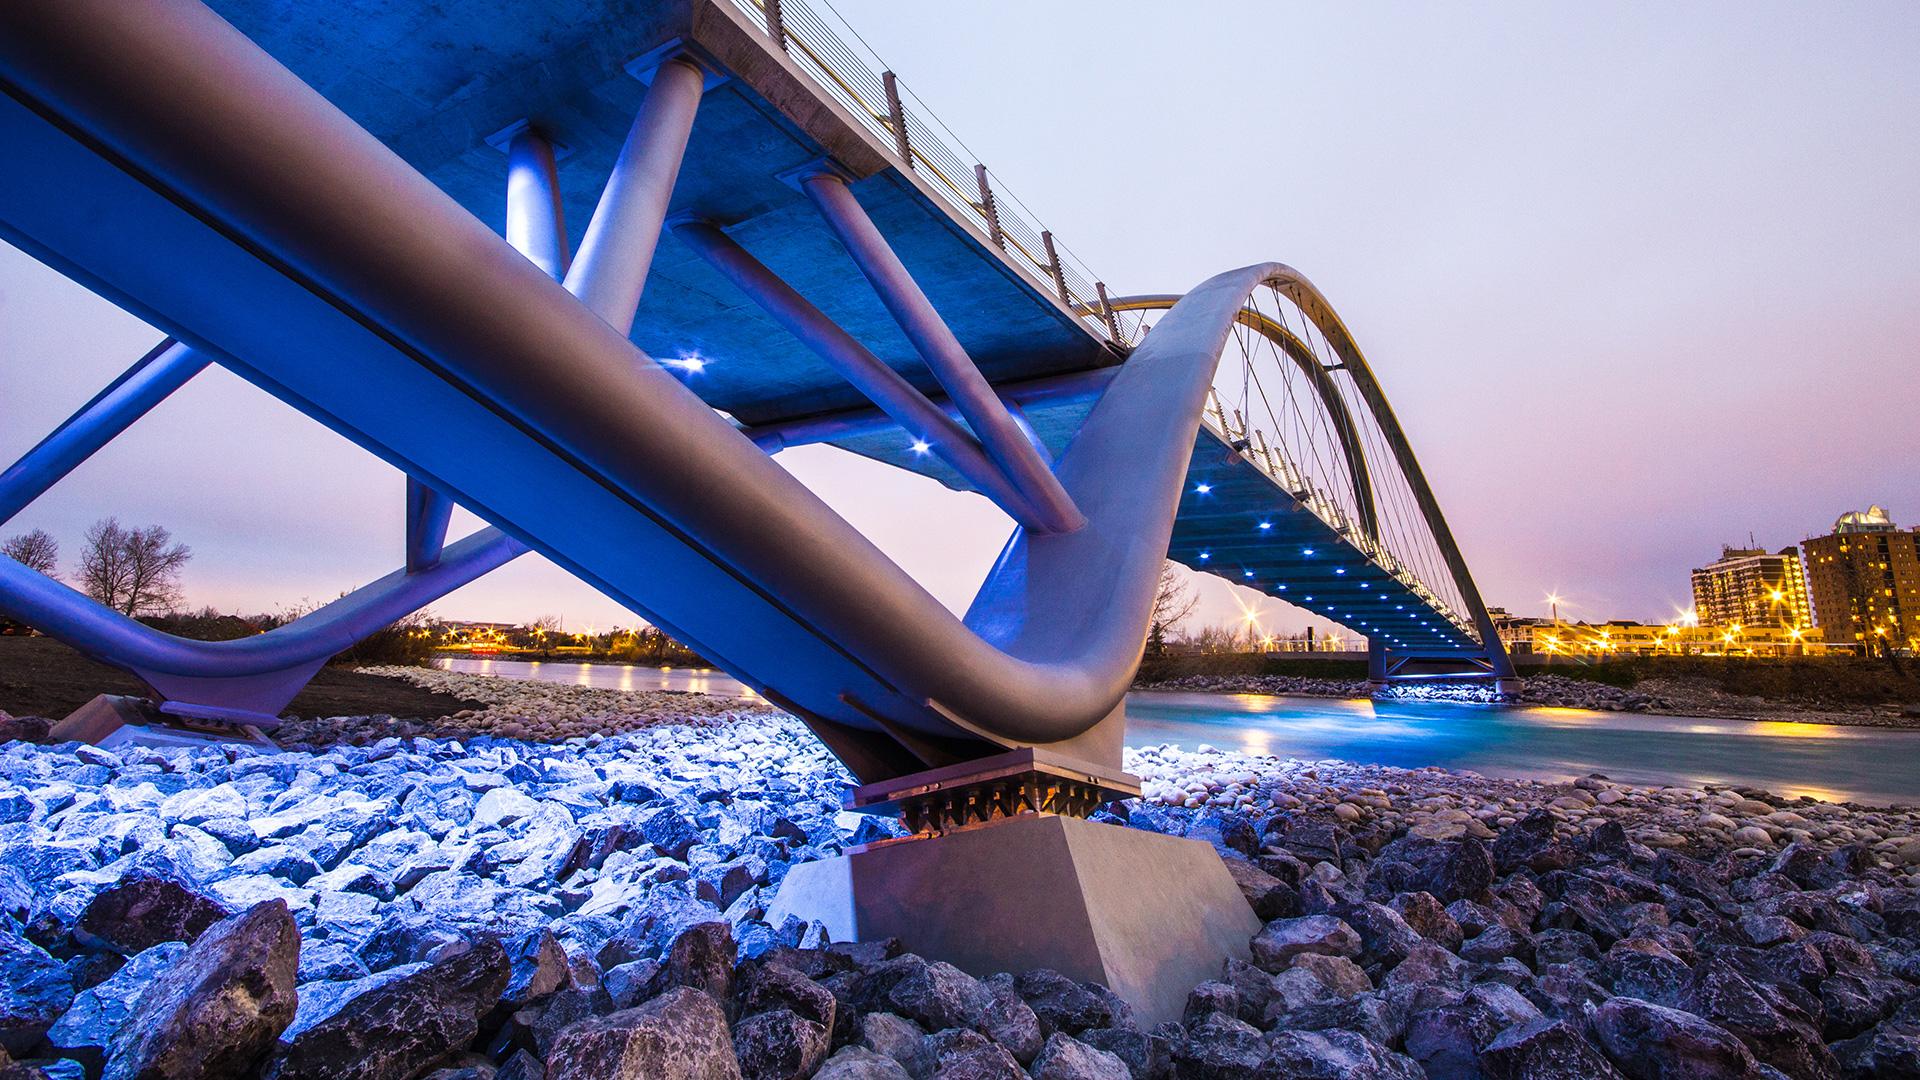 St_Patricks_Bridge-17.jpg